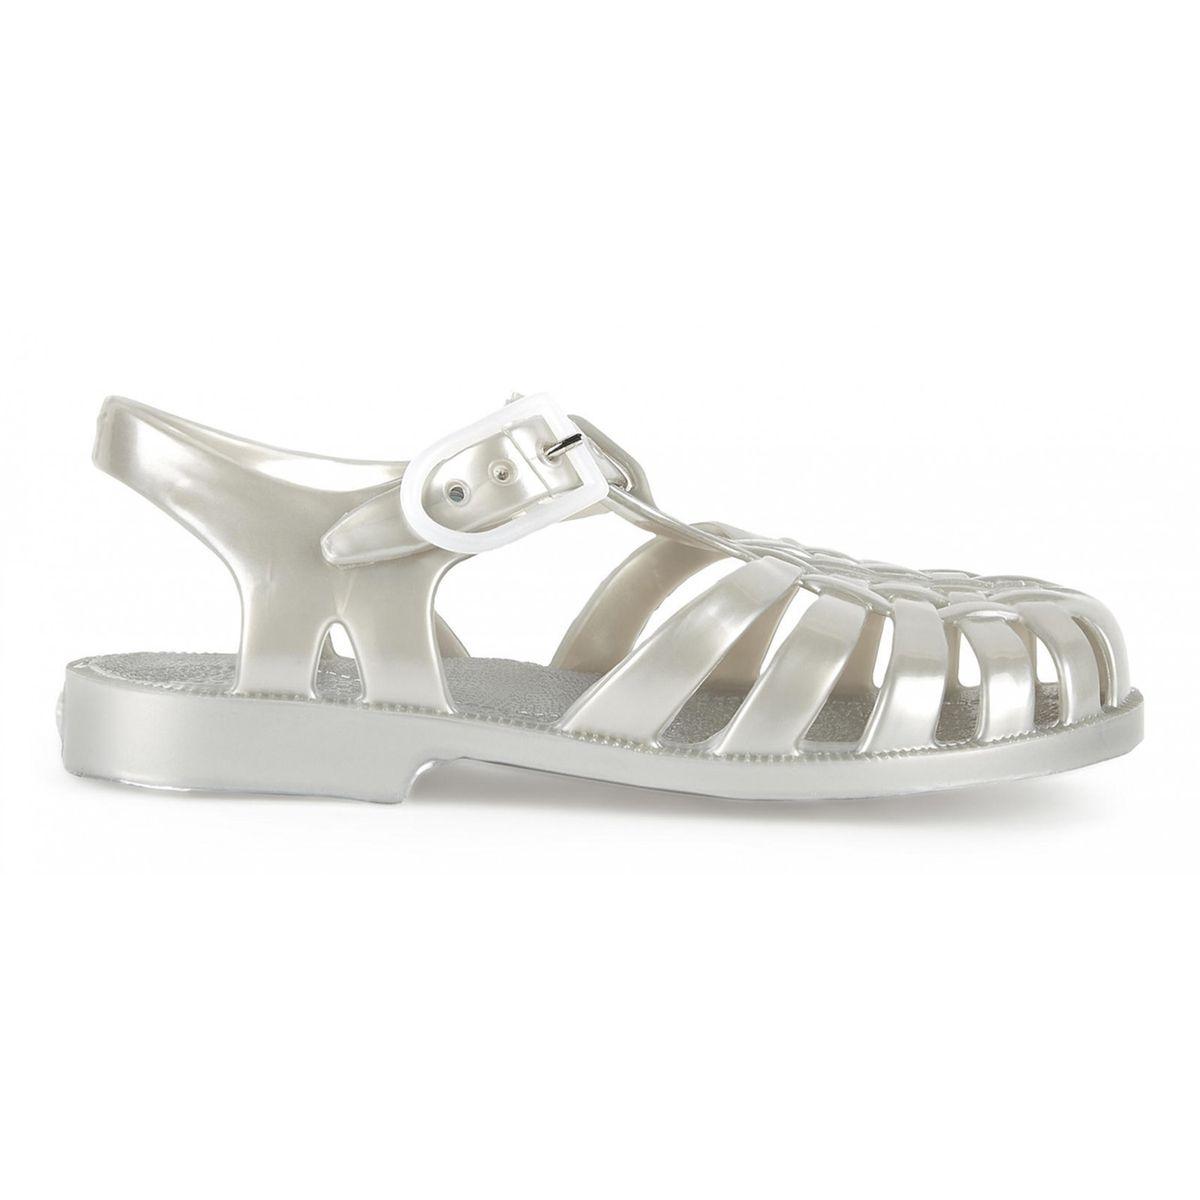 Sandales en plastique opaque SUN